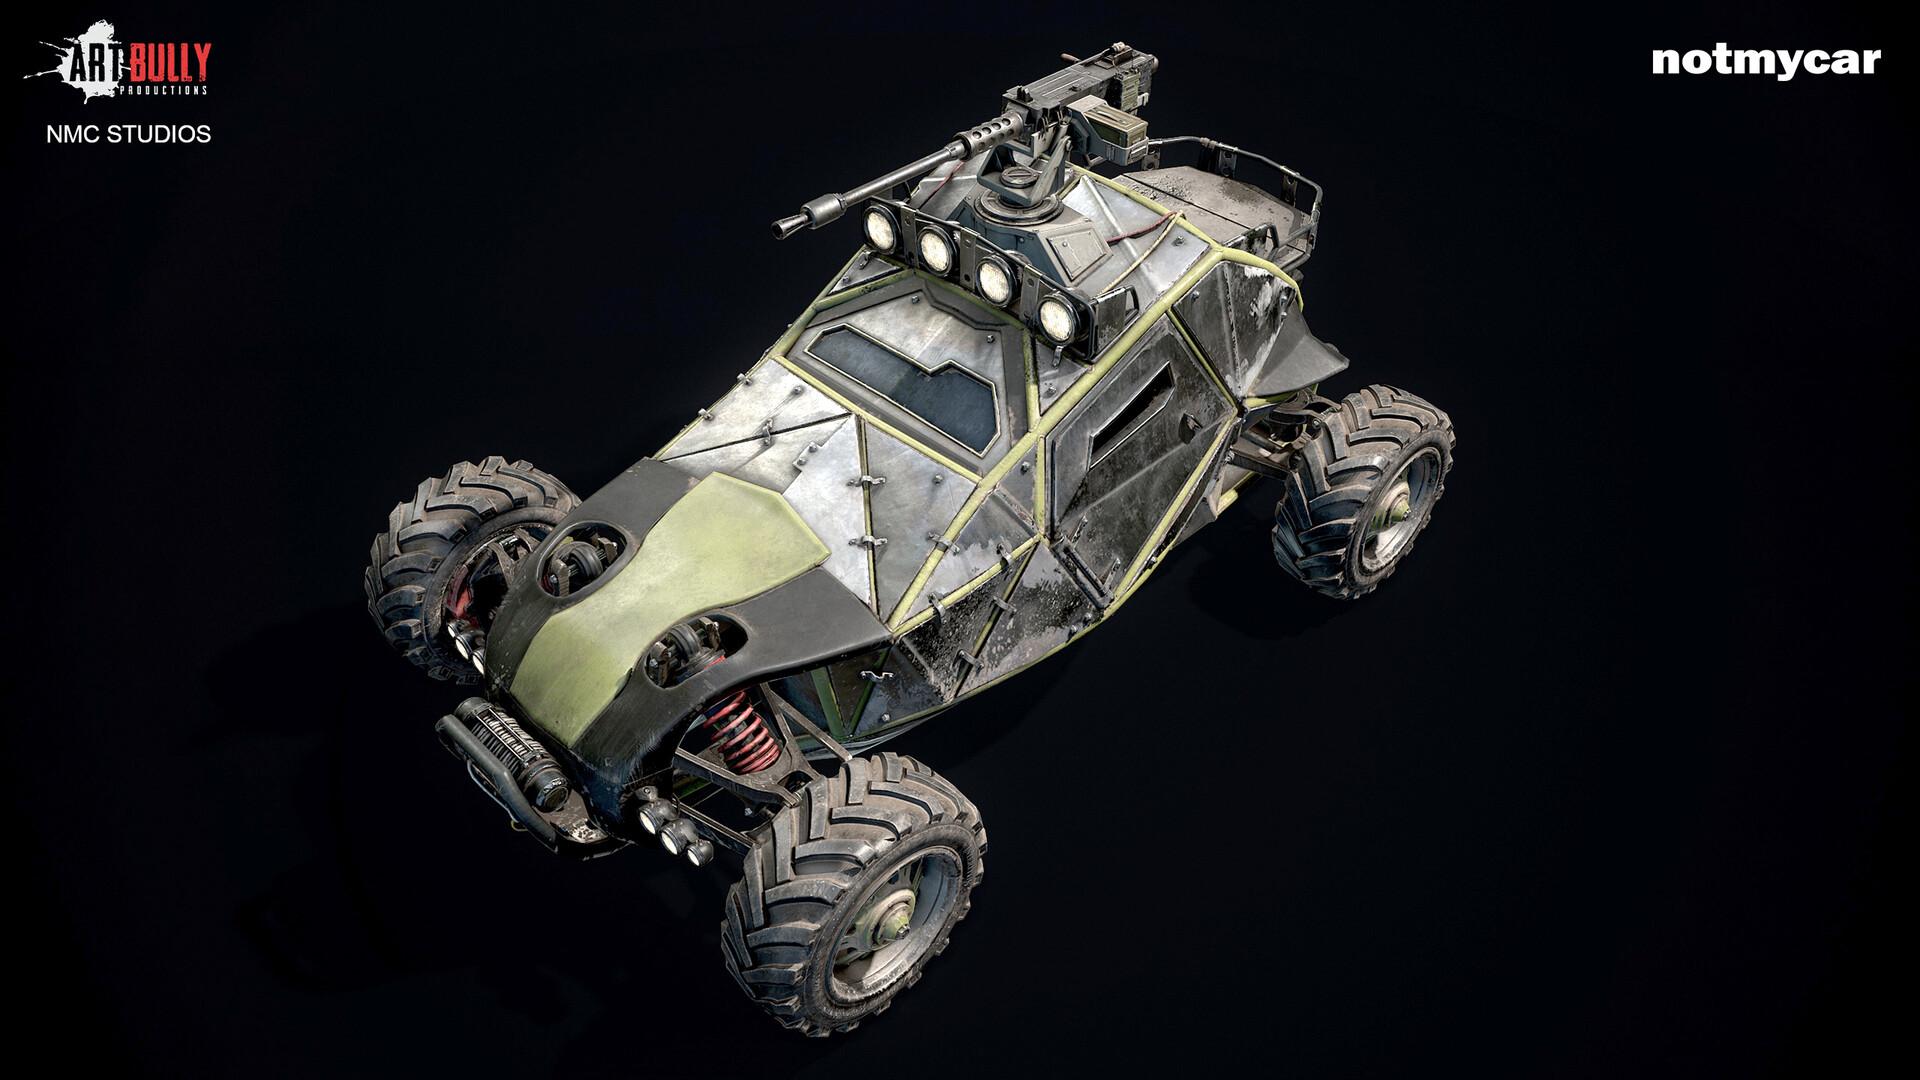 Patrick nuckels notmycar buggy 02